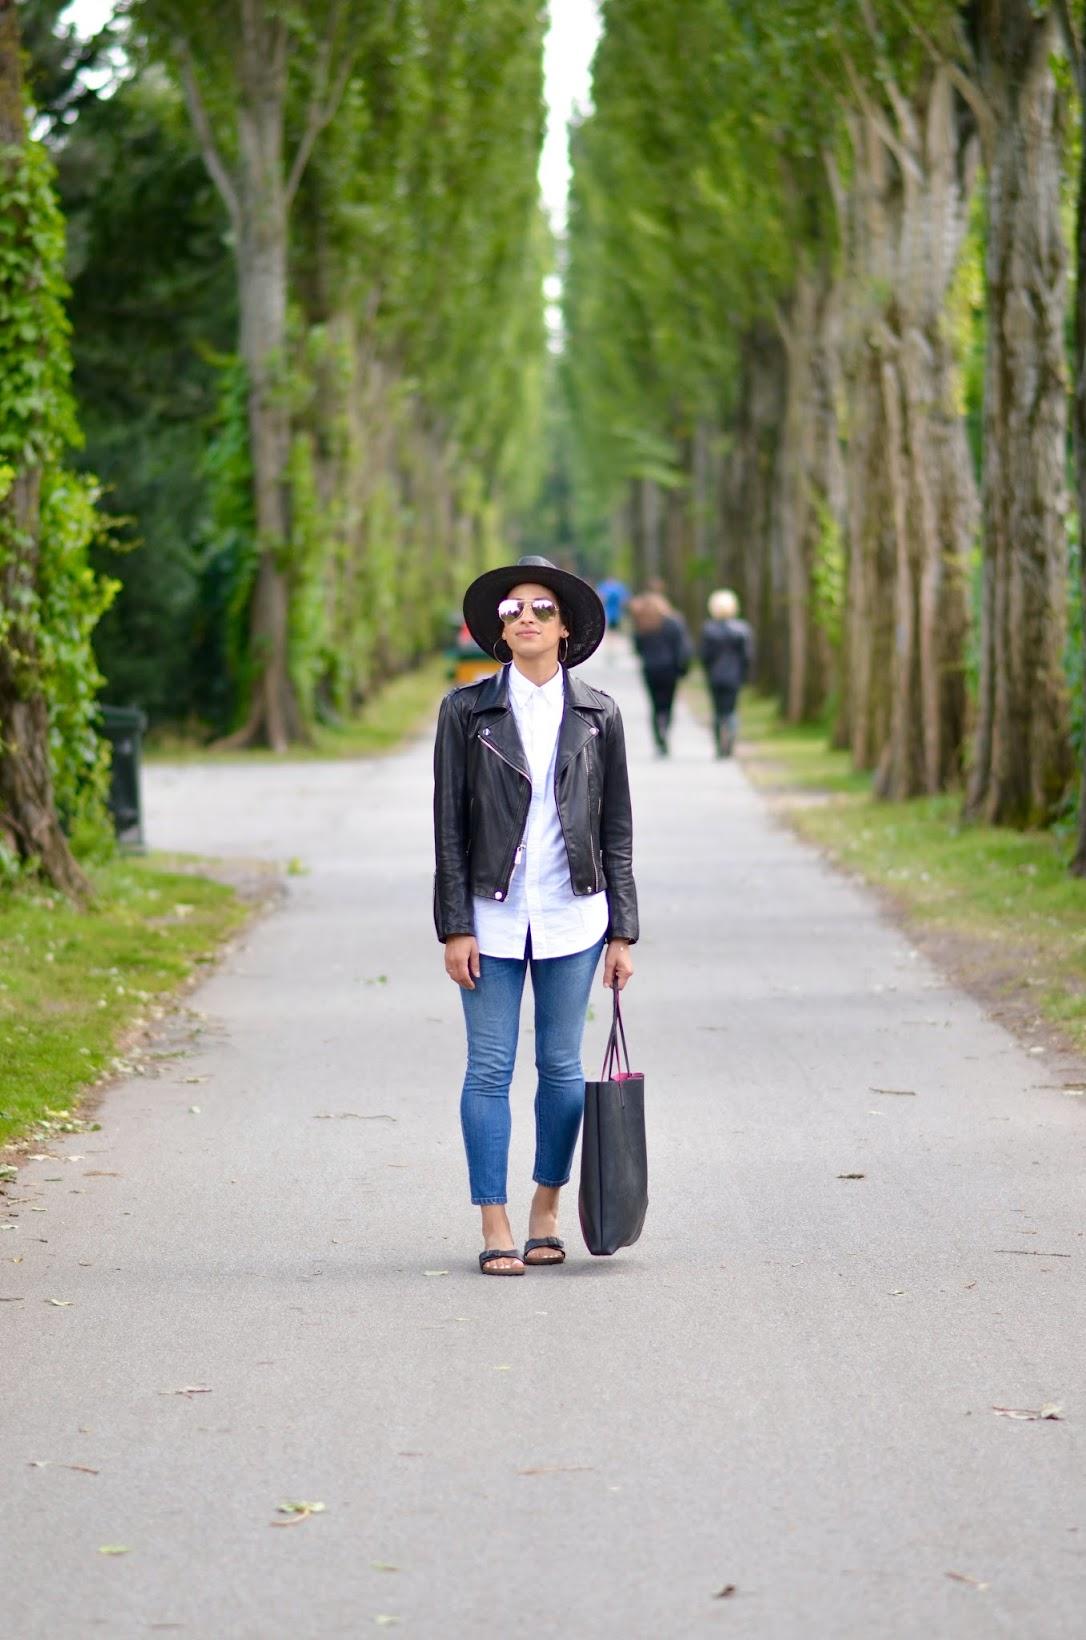 Copenhagen, Torvehallerne, street style, backpack chic, travel style, BCBG Gen leather moto jacket, Blank Denim, Birkenstocks Madrid